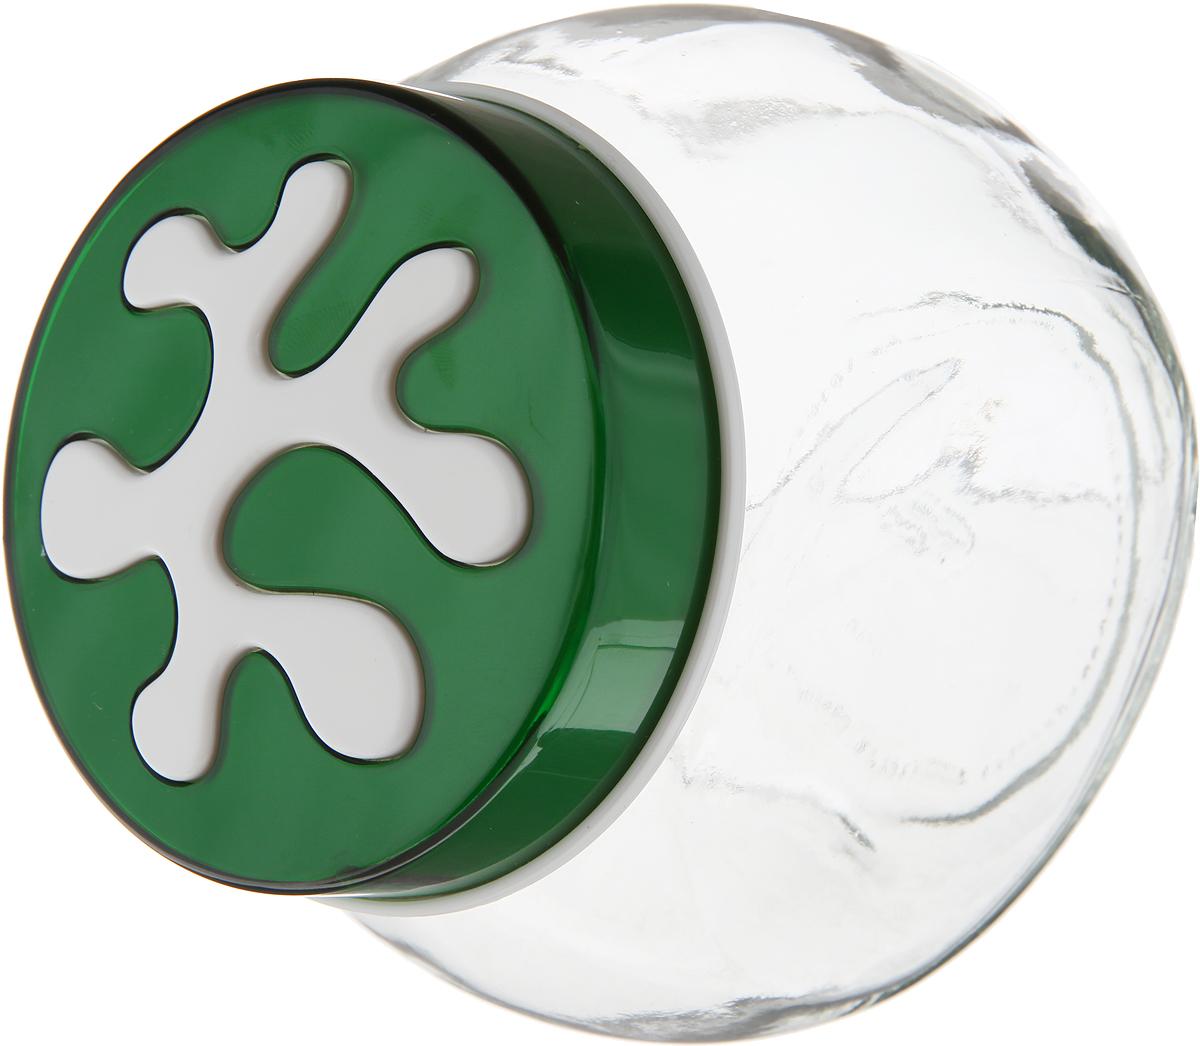 Банка для сыпучих продуктов Herevin, 750 мл. 135908-000, цвет: зеленый банка для сыпучих продуктов herevin цвет светло розовый прозрачный 660 мл 140367 500